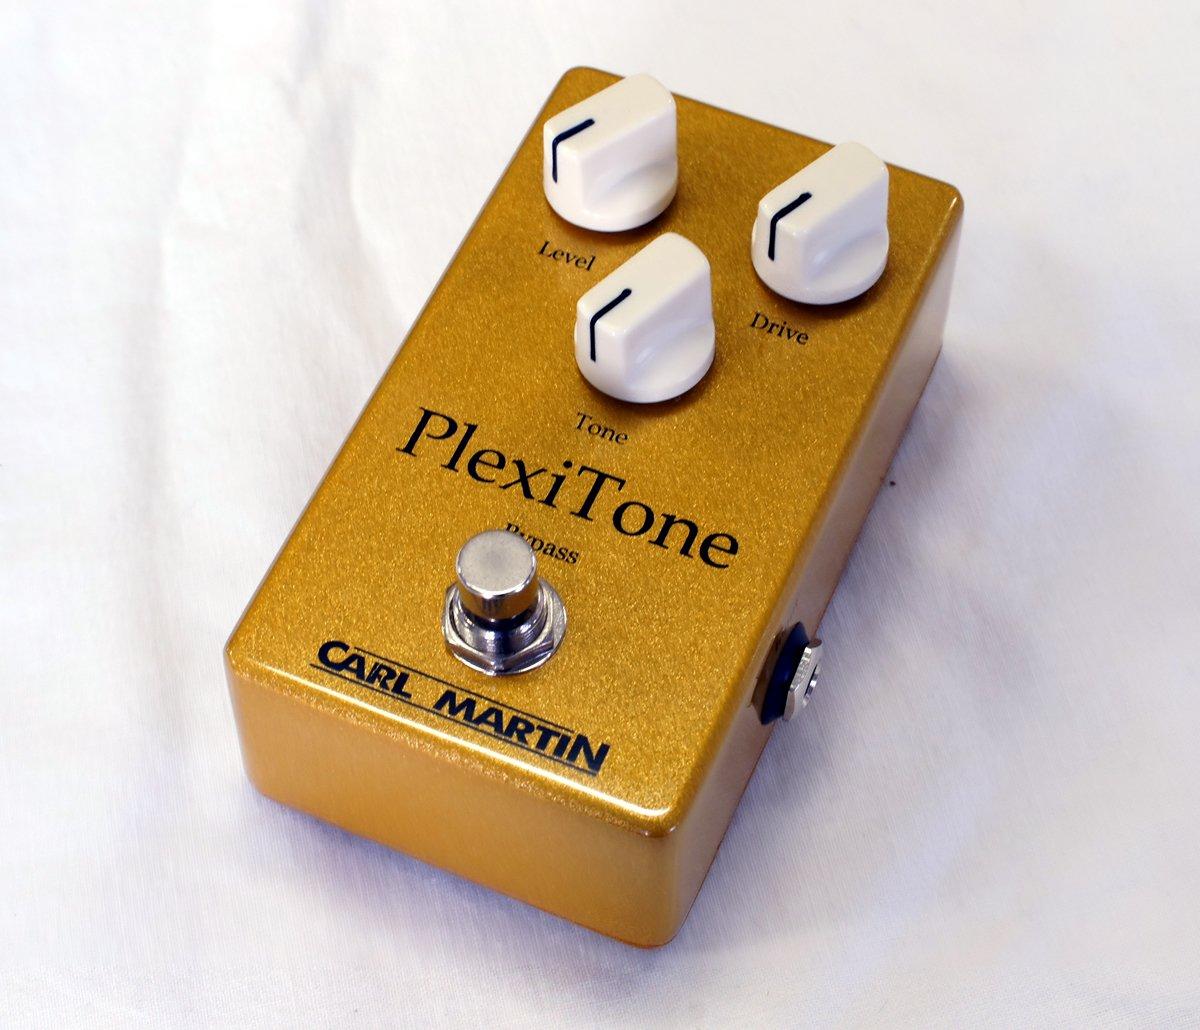 リンク:PlexiTone single channel